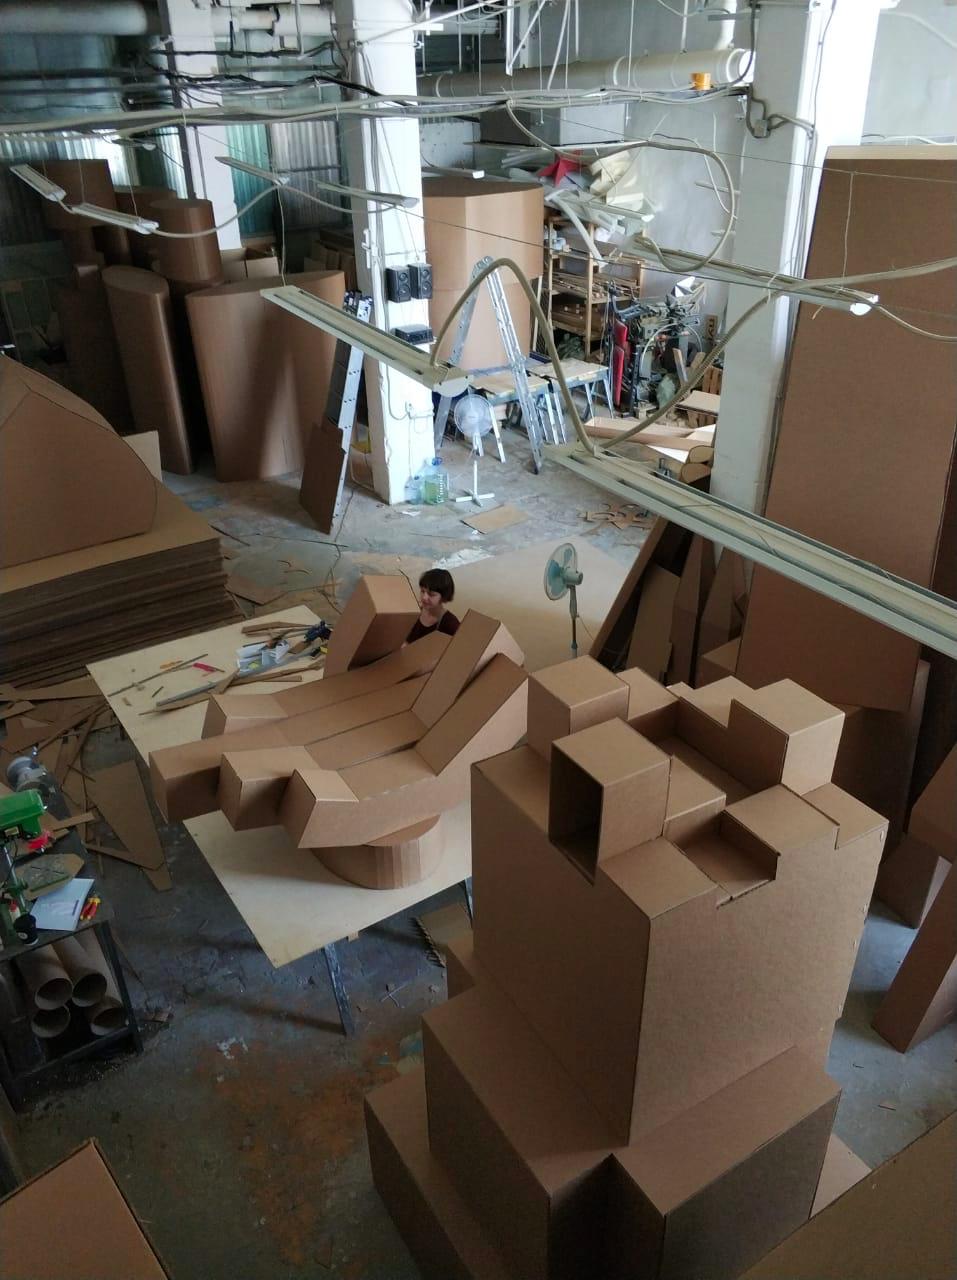 Пятиметровое оригами, или Как построить футуристический город из картона - 4